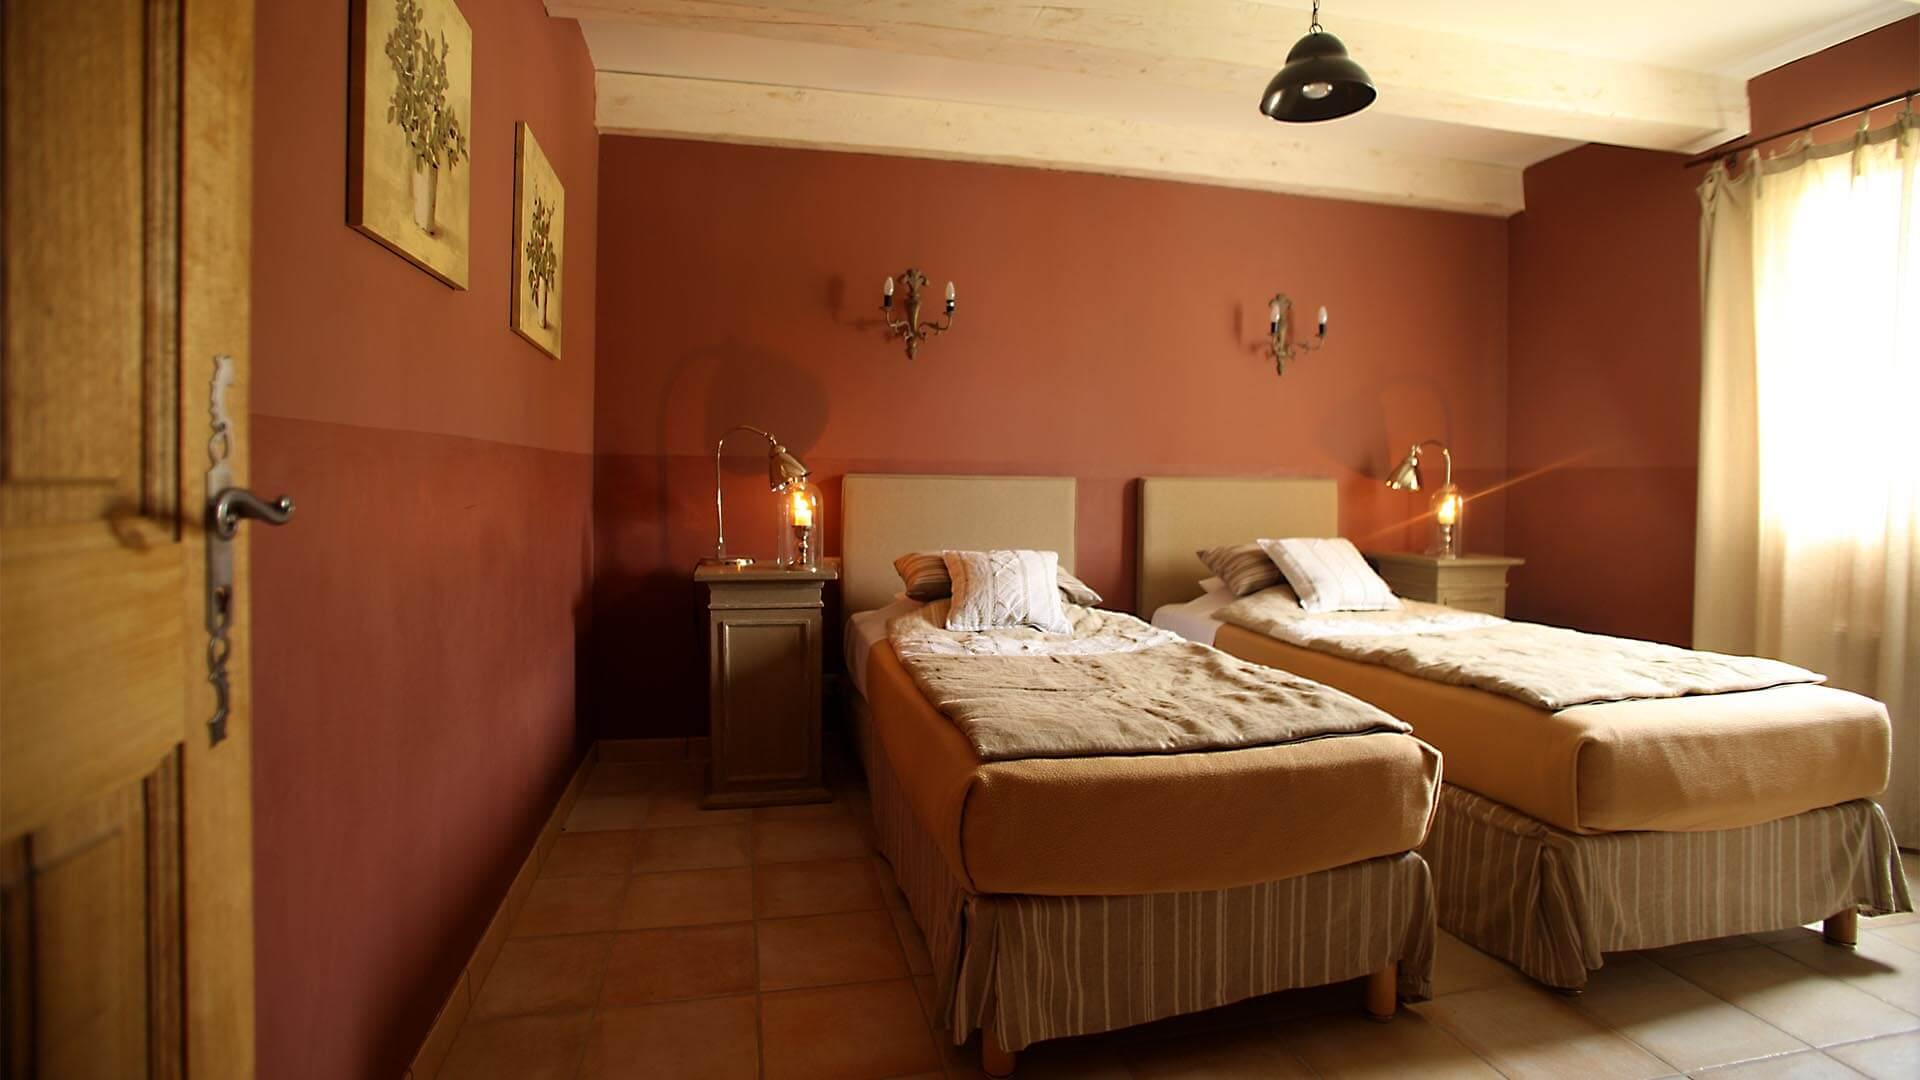 Location saisonnière Luberon | Villa la source | Chambre deux lits simples